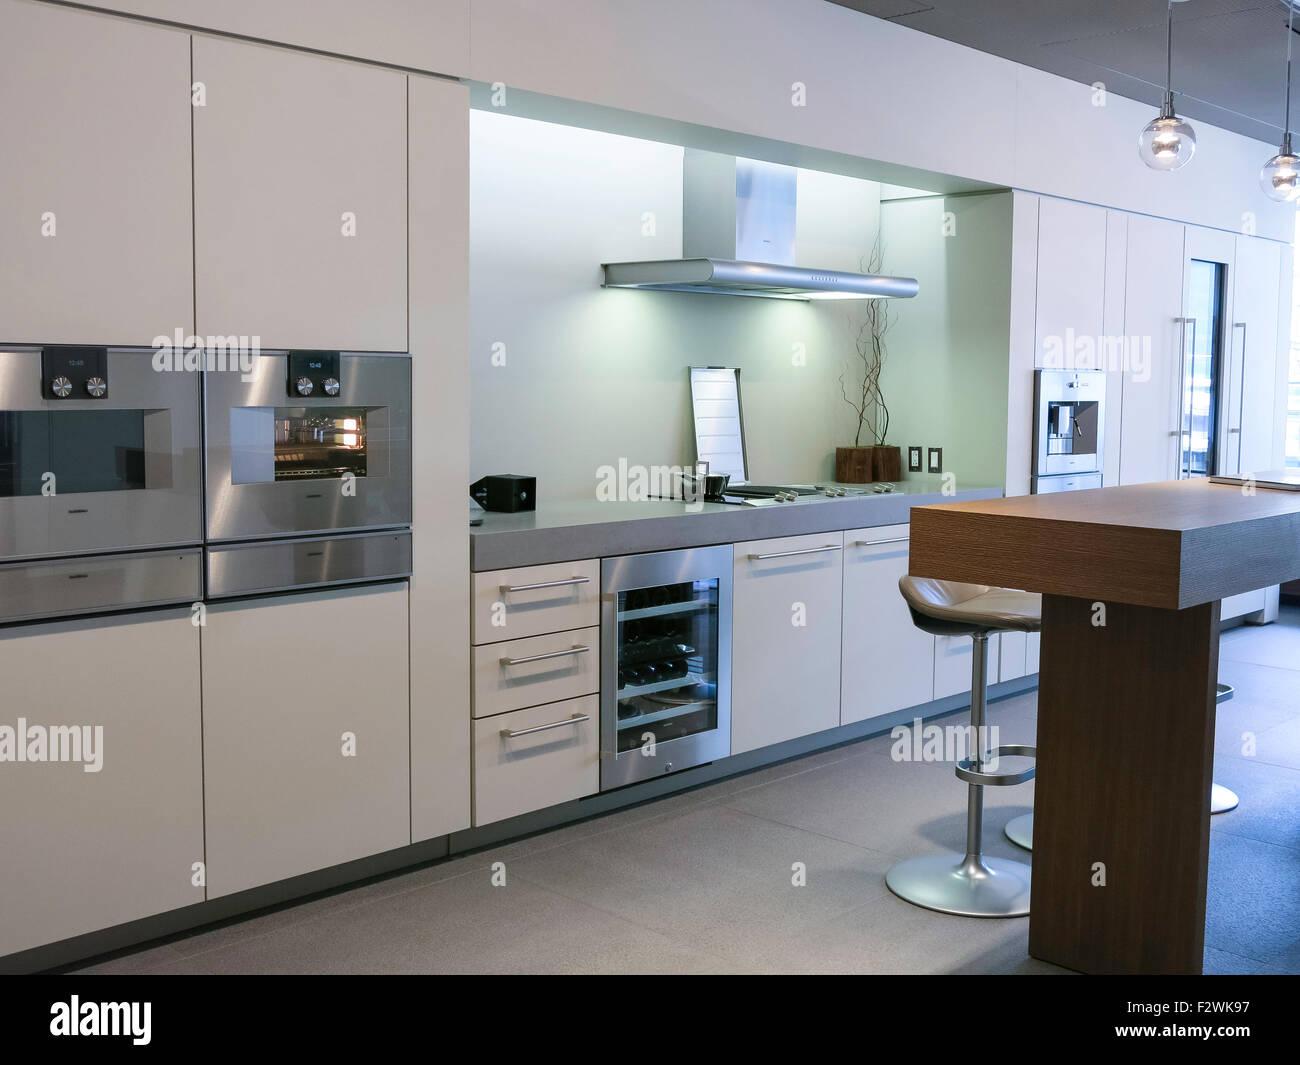 Luxury Interior Bosch Brand Kitchen Design Showroom NYC USA Stock